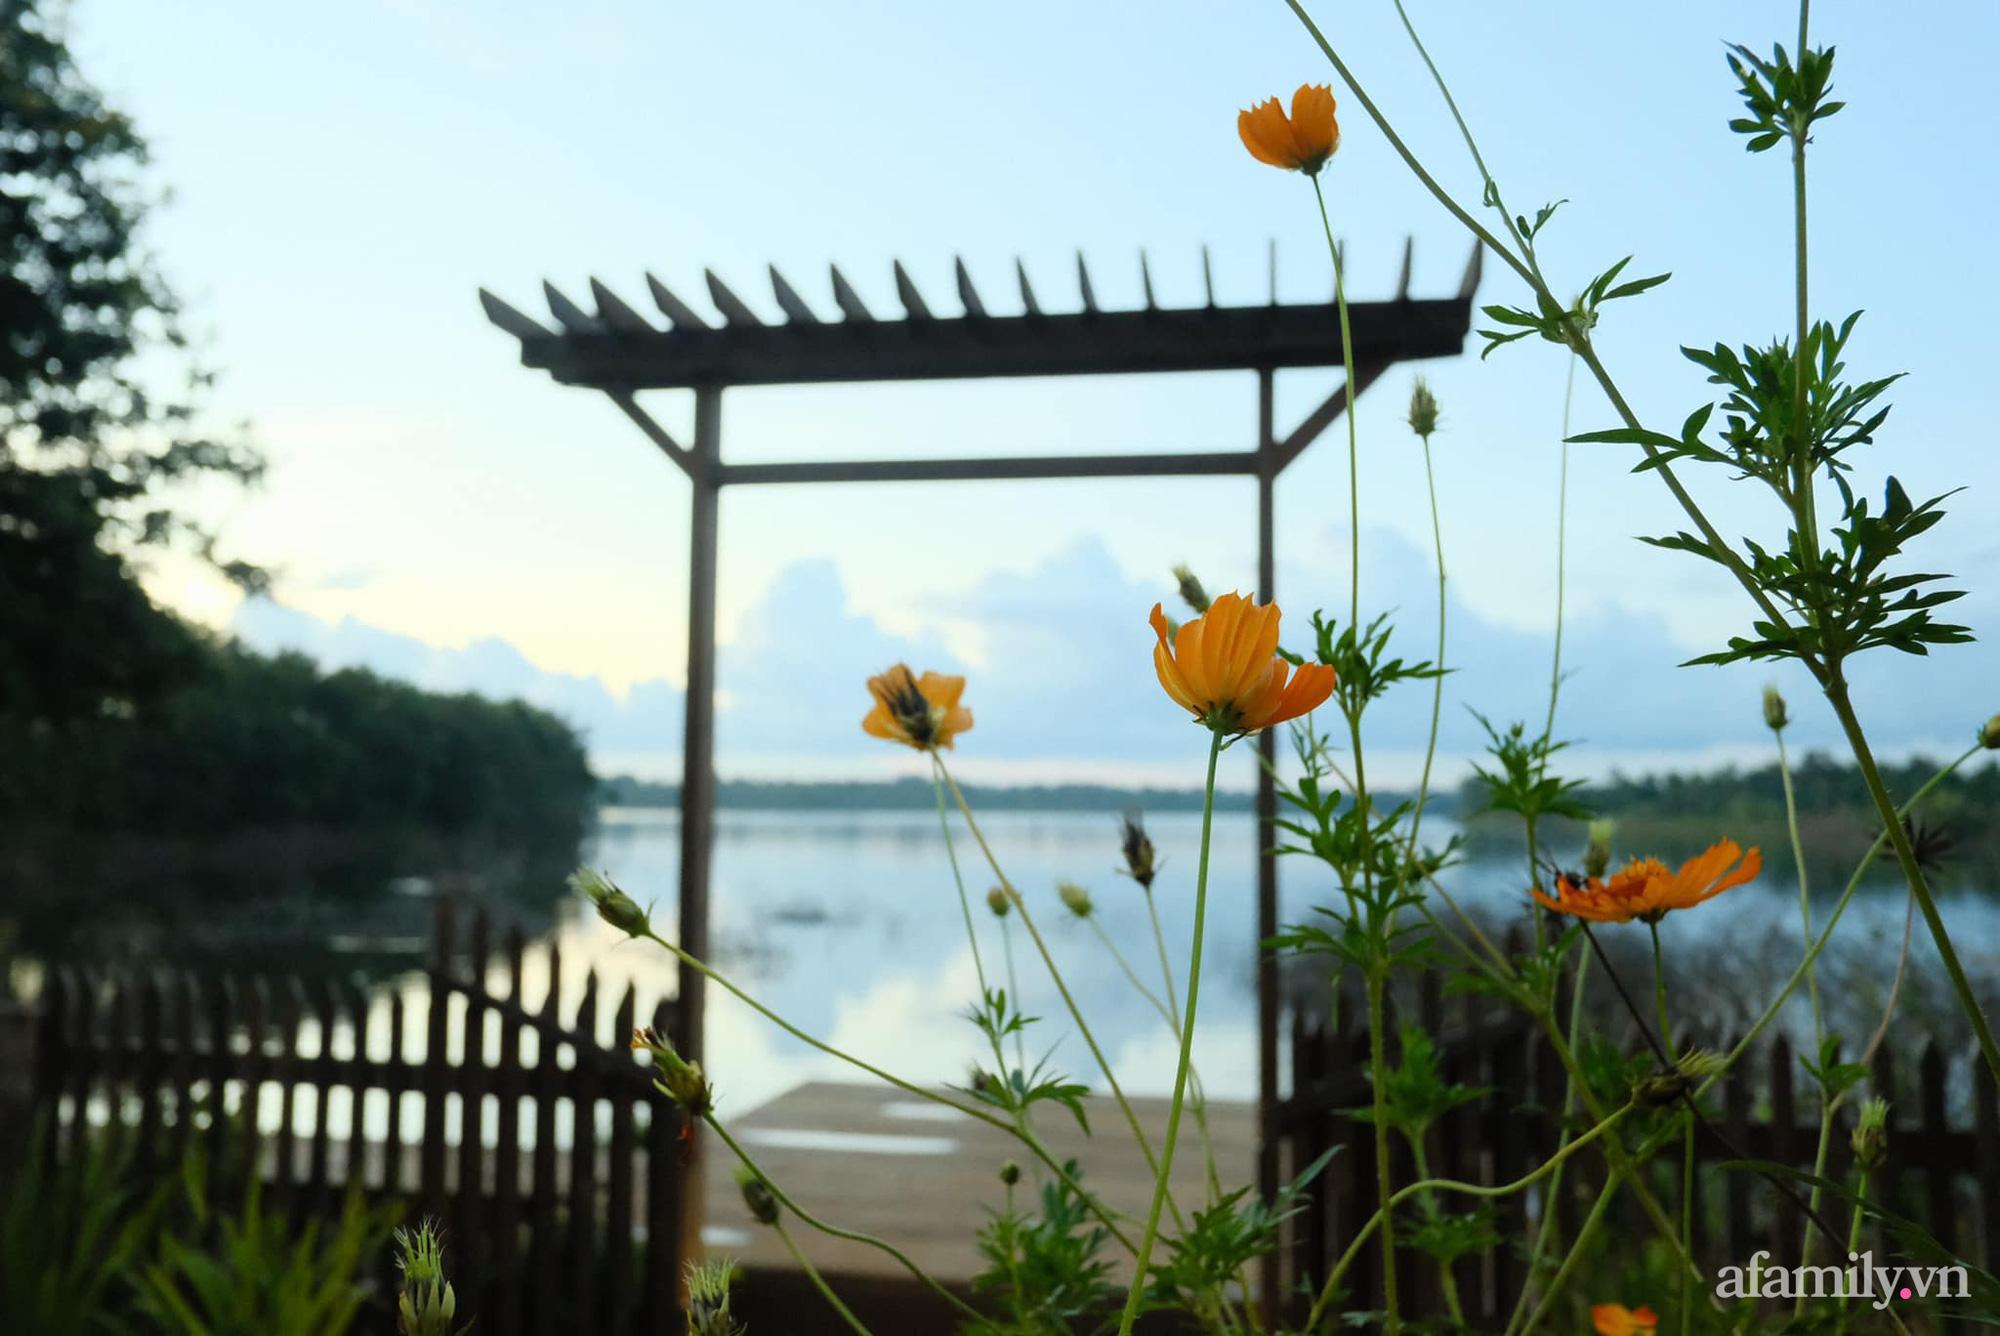 Căn nhà gỗ bình yên hướng tầm nhìn ra hồ nước trong veo, thơ mộng ở Buôn Mê Thuột - Ảnh 20.